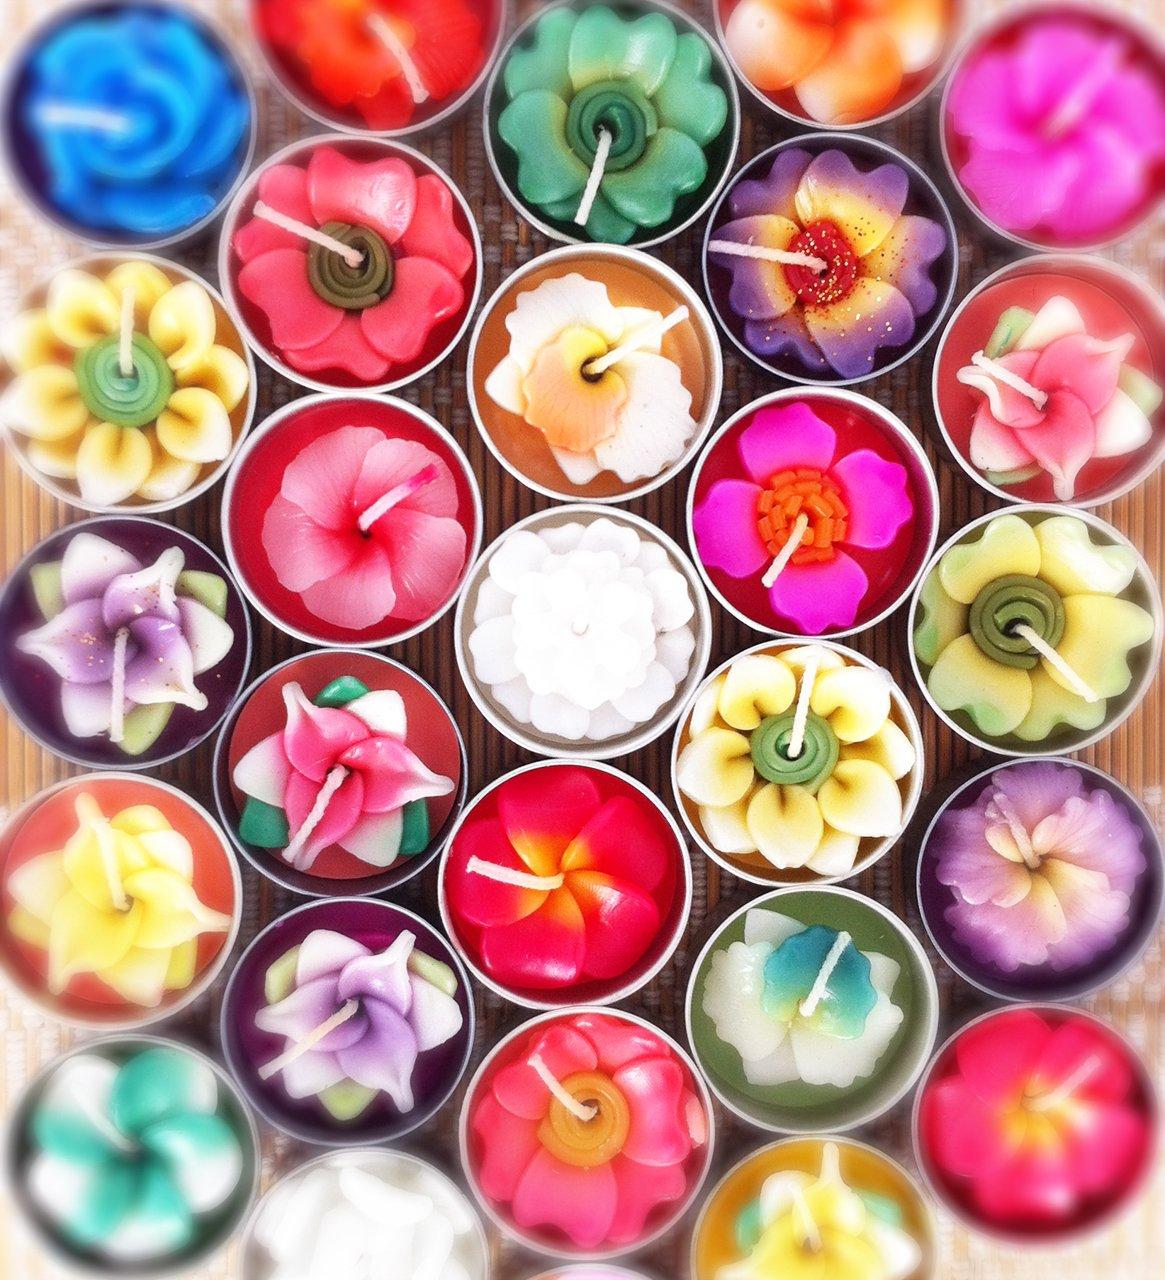 キャンドル フラワーキャンドル/ティーライトキャンドル/ロウソク/ろうそく/アロマの香り (10個入りお徳用パック) Flower Candle